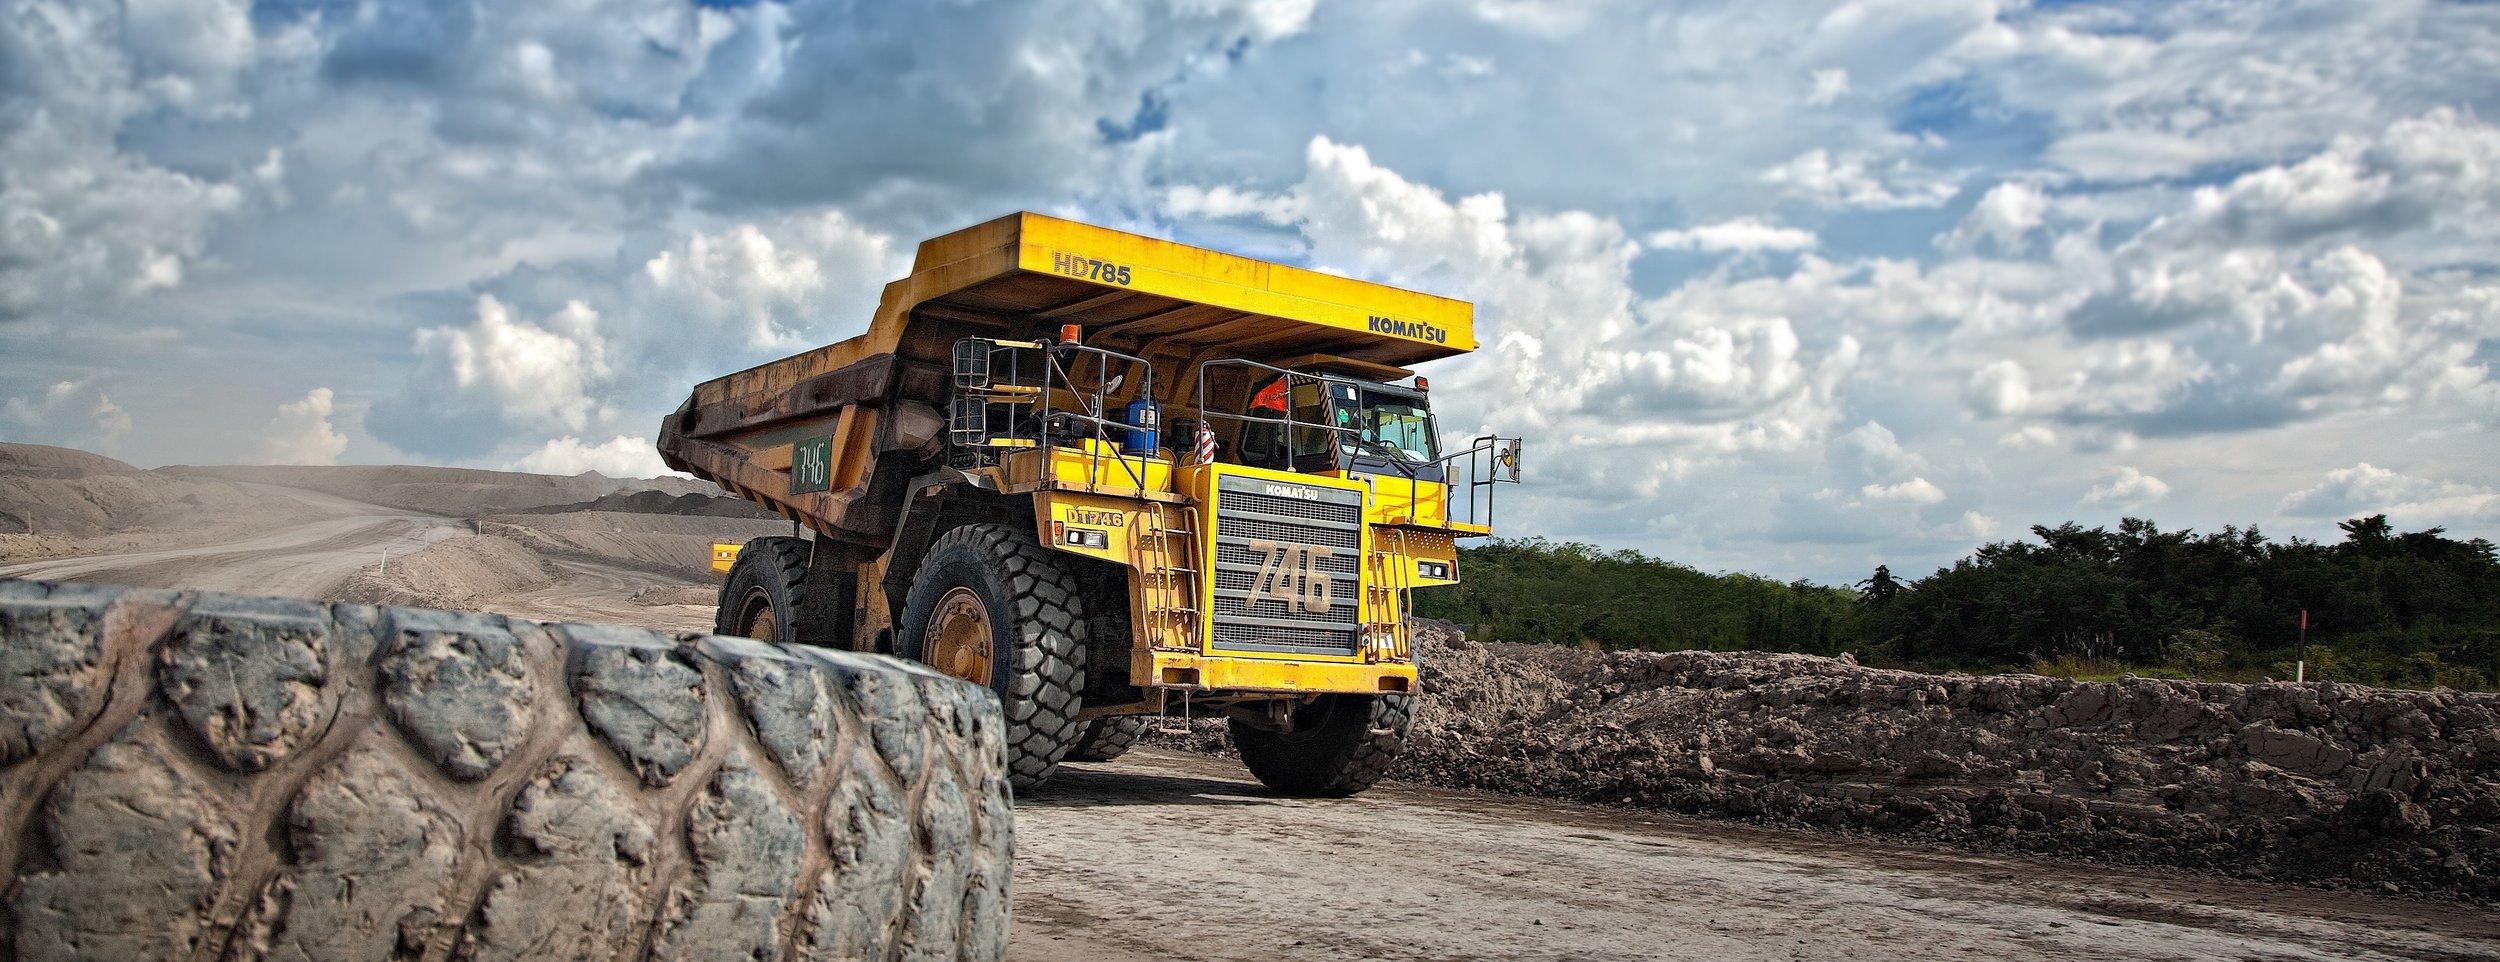 mining dominik-vanyi-629409-unsplash THIN.jpg